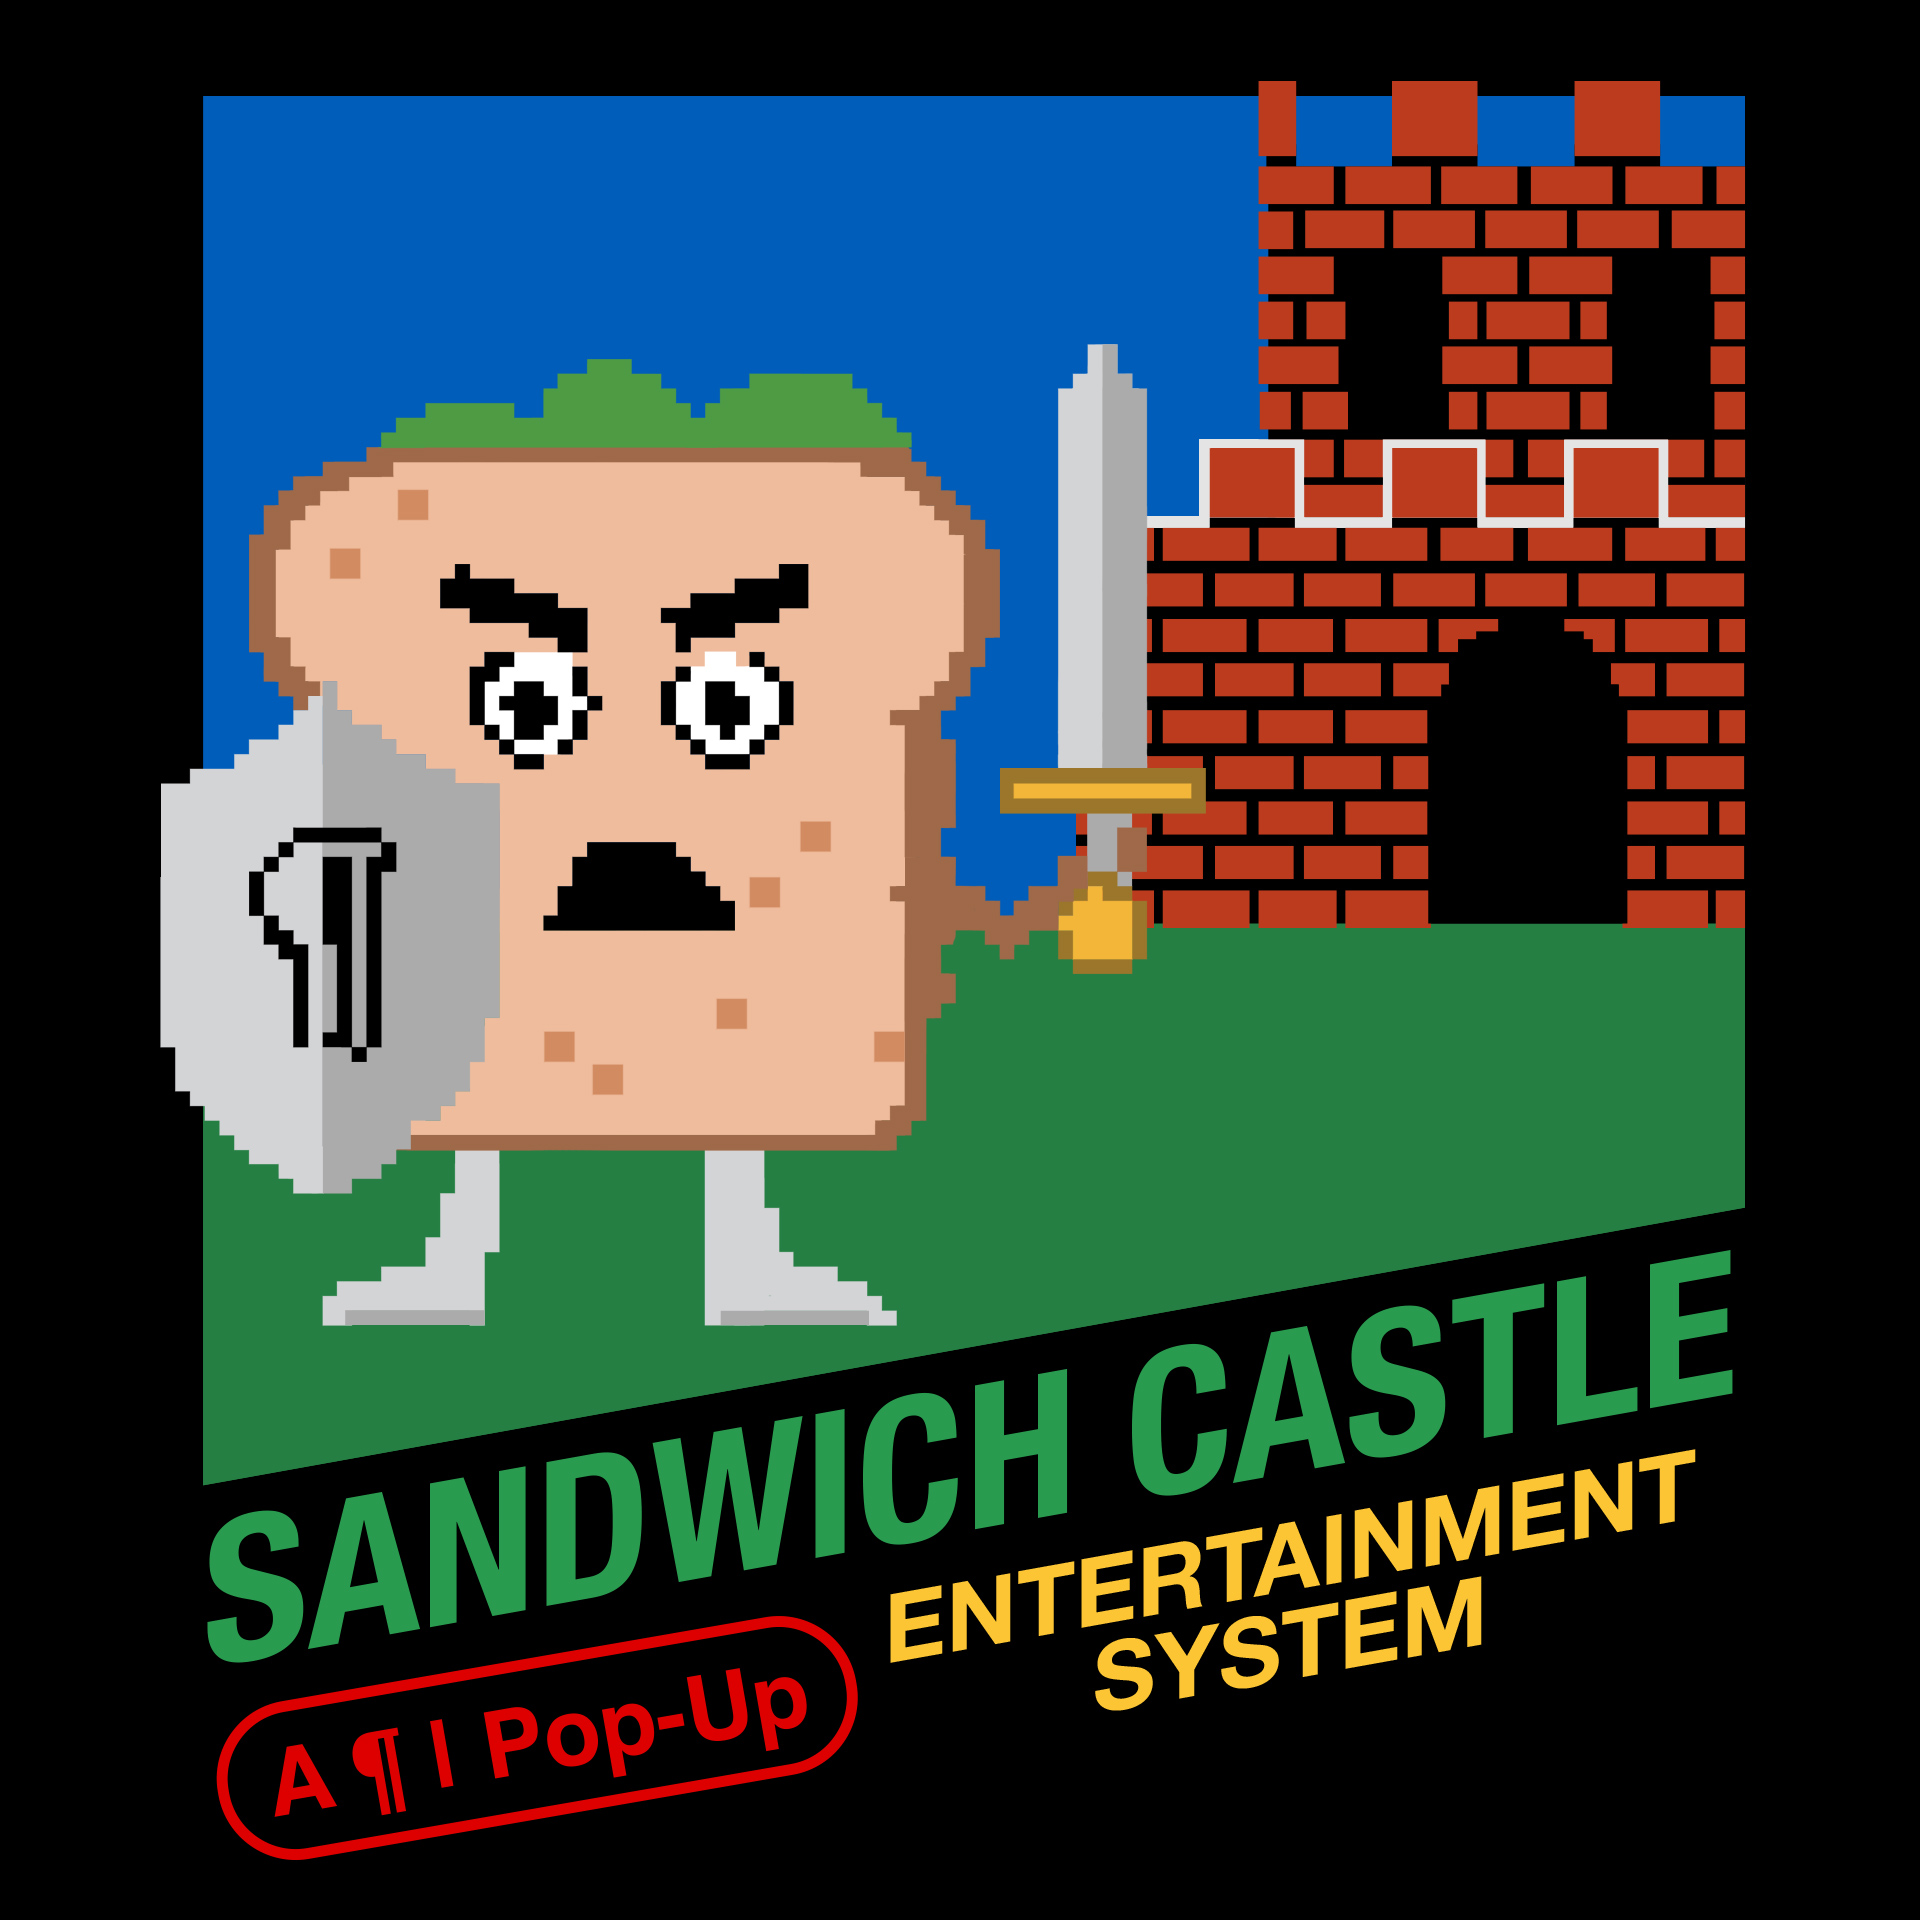 sandwichCastle